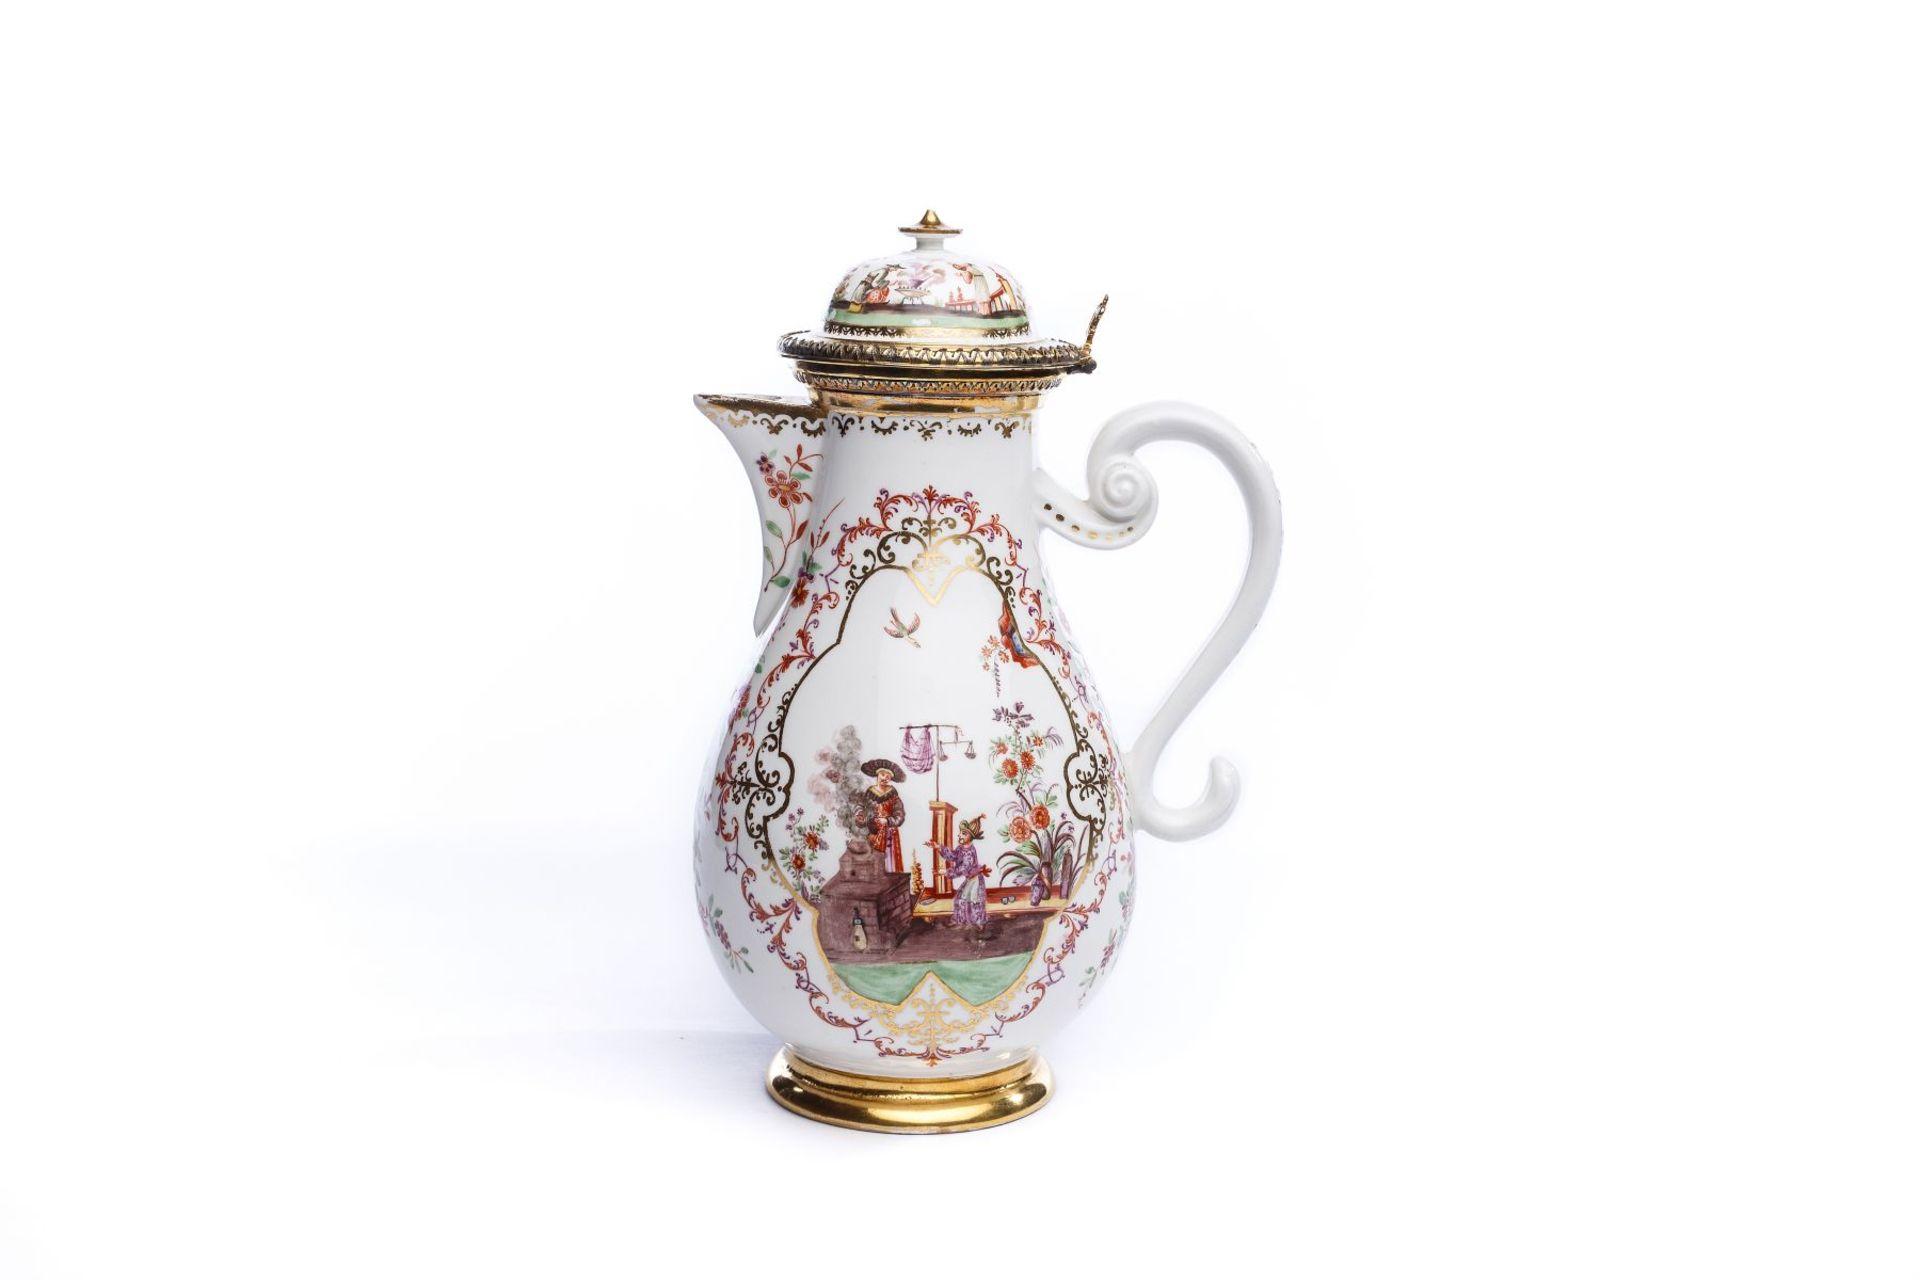 Kanne, Meissen 1724 - Bild 2 aus 7